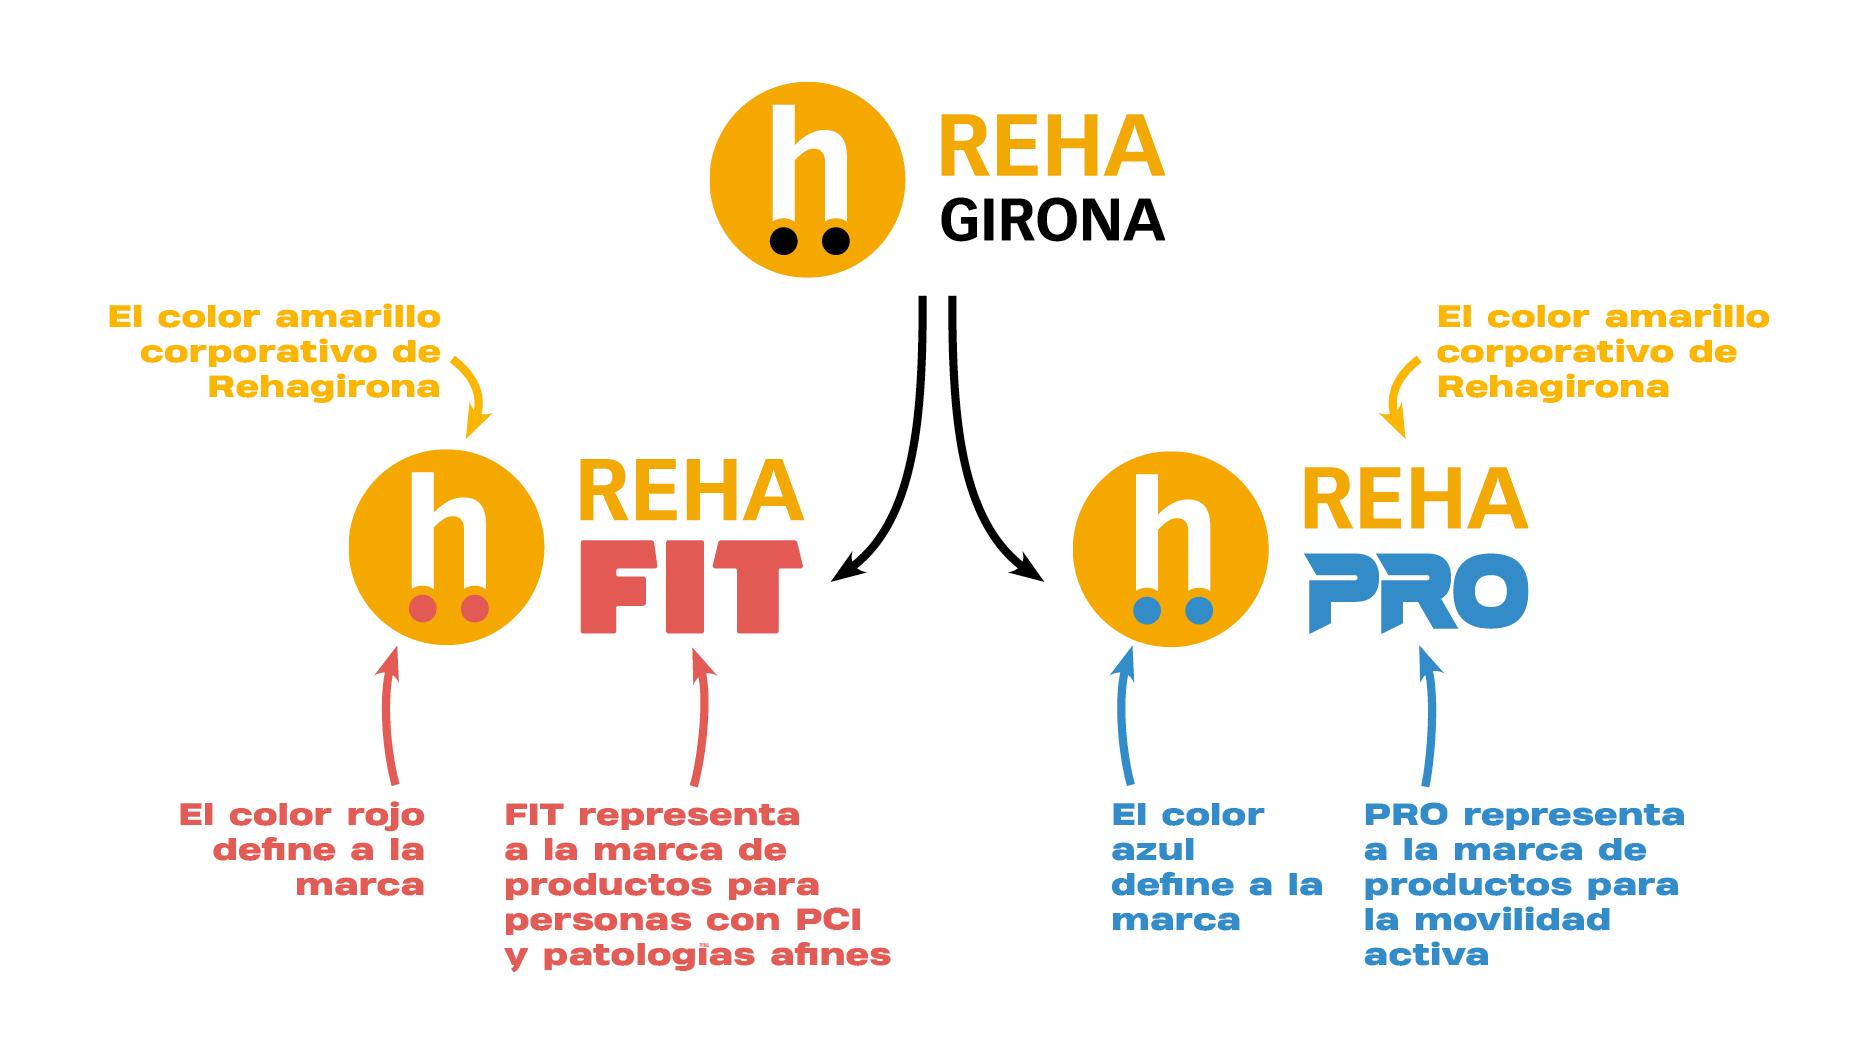 Creamos RehaFit y RehaPro, dos nuevas marcas para aportar más valor y facilitar la segmentación de nuestros productos